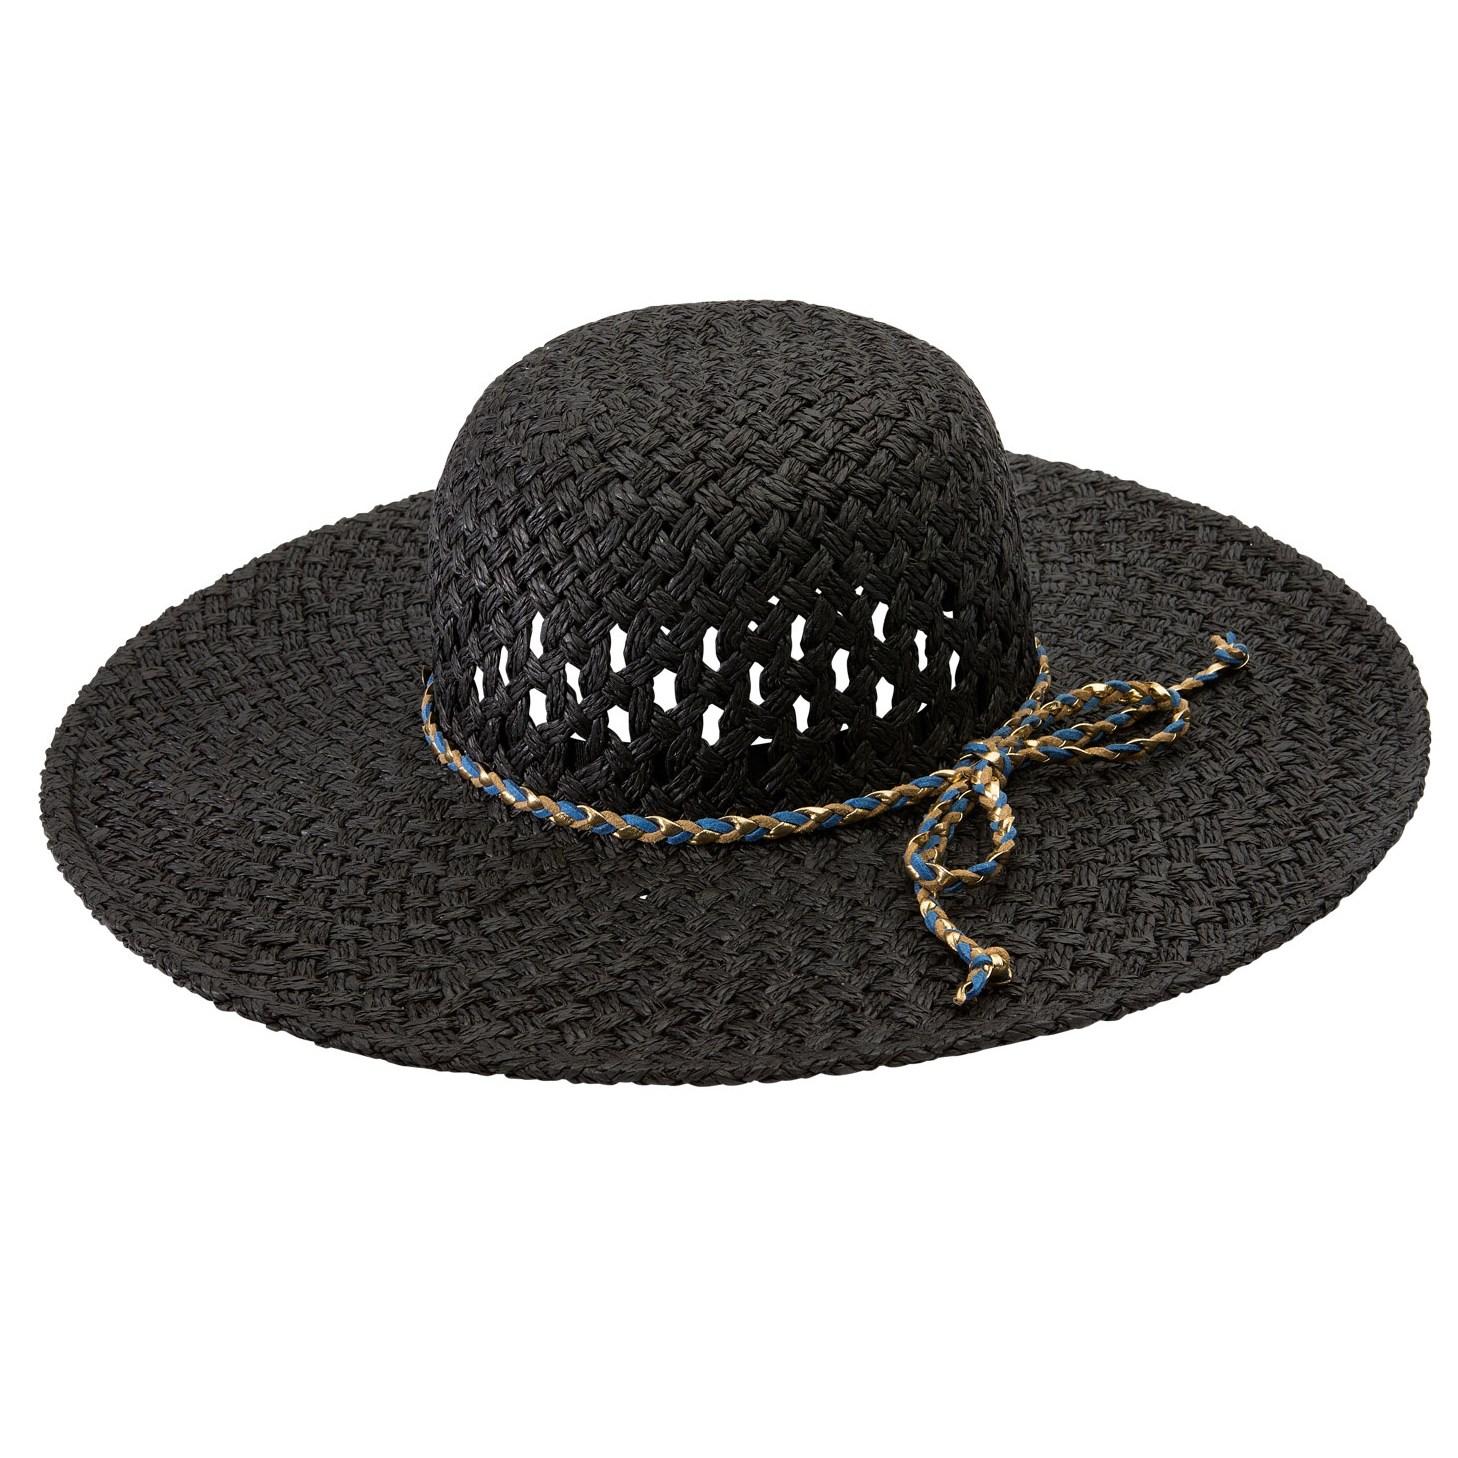 48fda53964a ... sale volcom get away floppy hat womens evo c821f 109dd ...